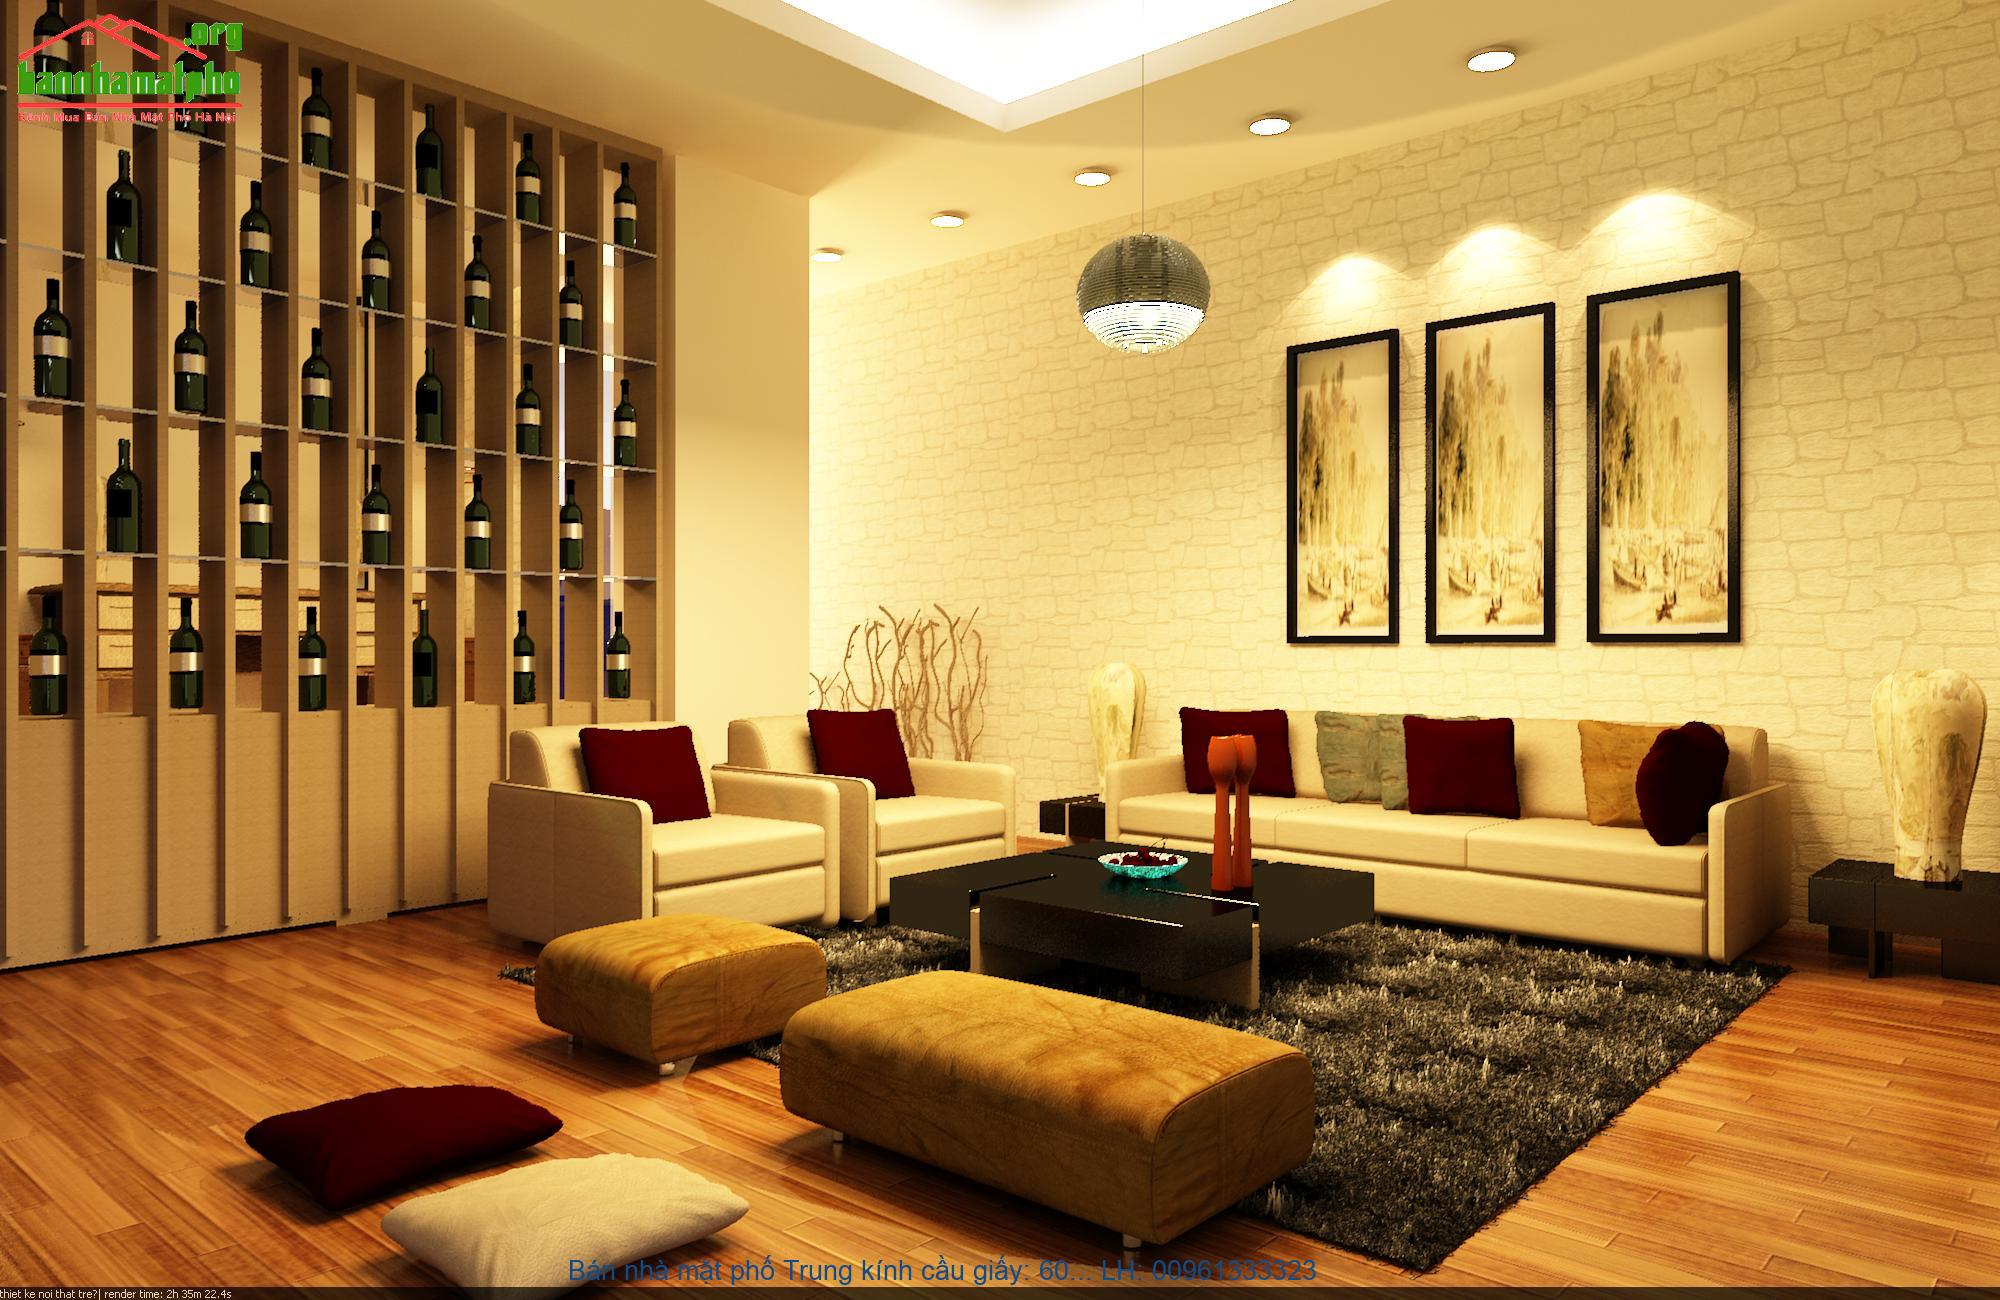 Bán nhà mặt phố Trung kính cầu giấy: 60m, 6 tầng, MT: 4,8. Giá 26,5 tỷ